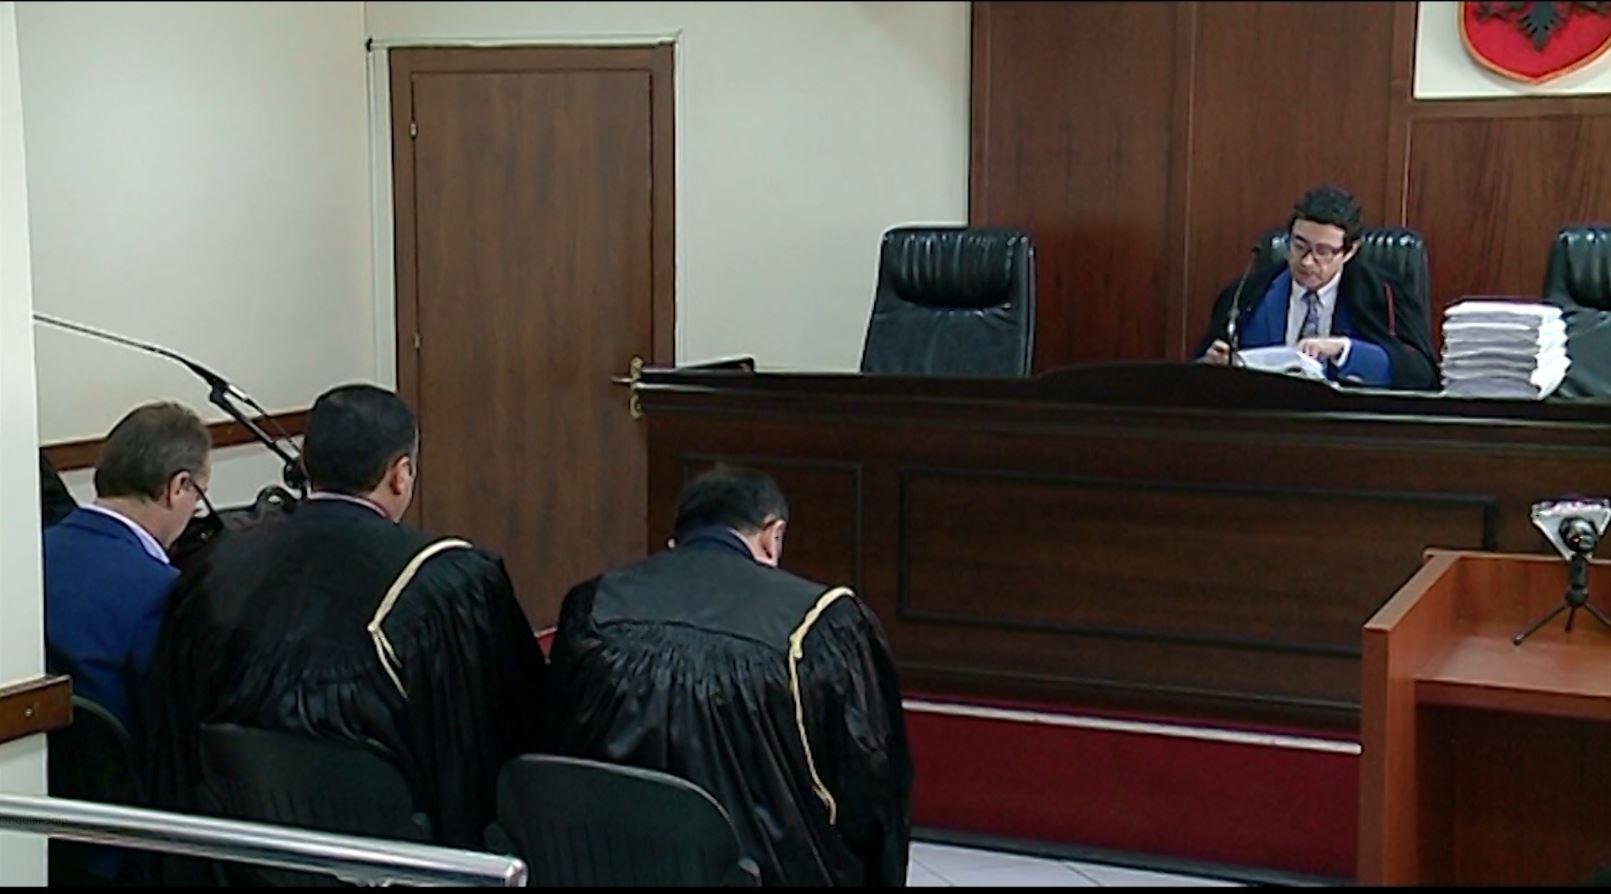 Gjykata e Vlorës pushon çështjen për ish-kryebashkiakun Shpëtim Gjika